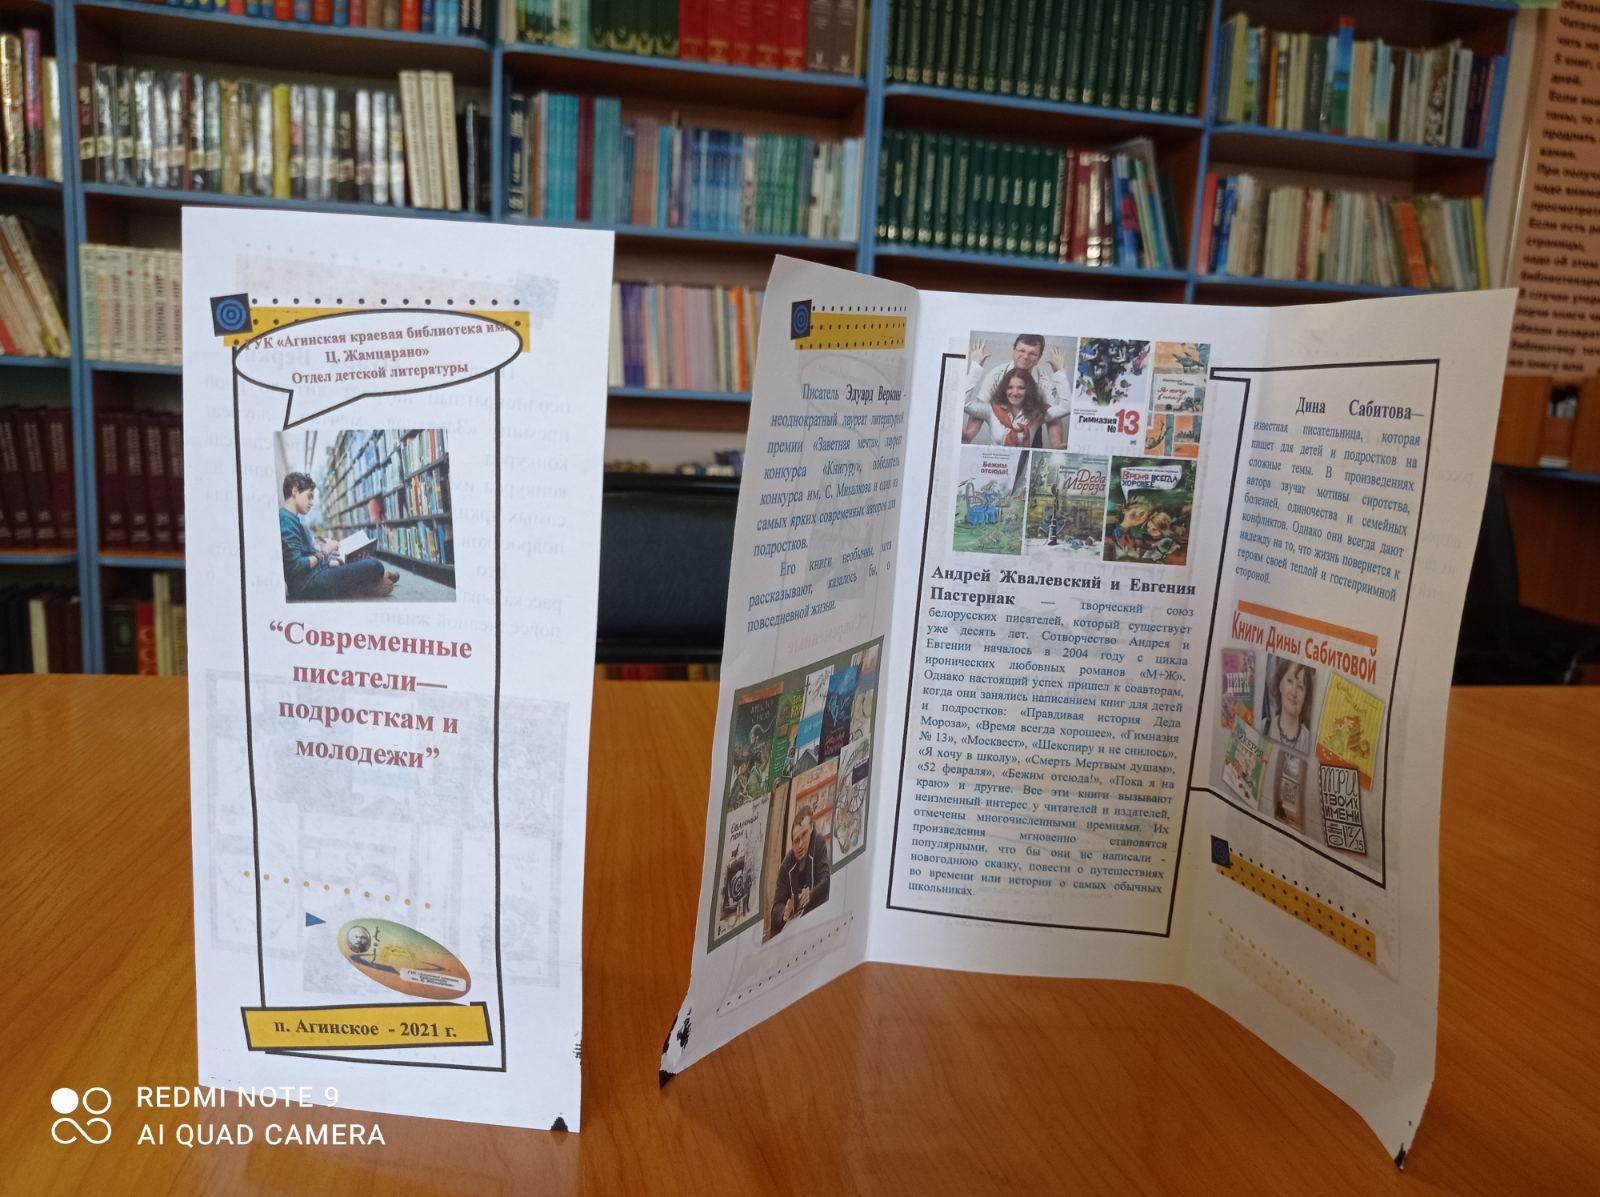 Буклет с рекомендованным списком литературы для детей и подростков